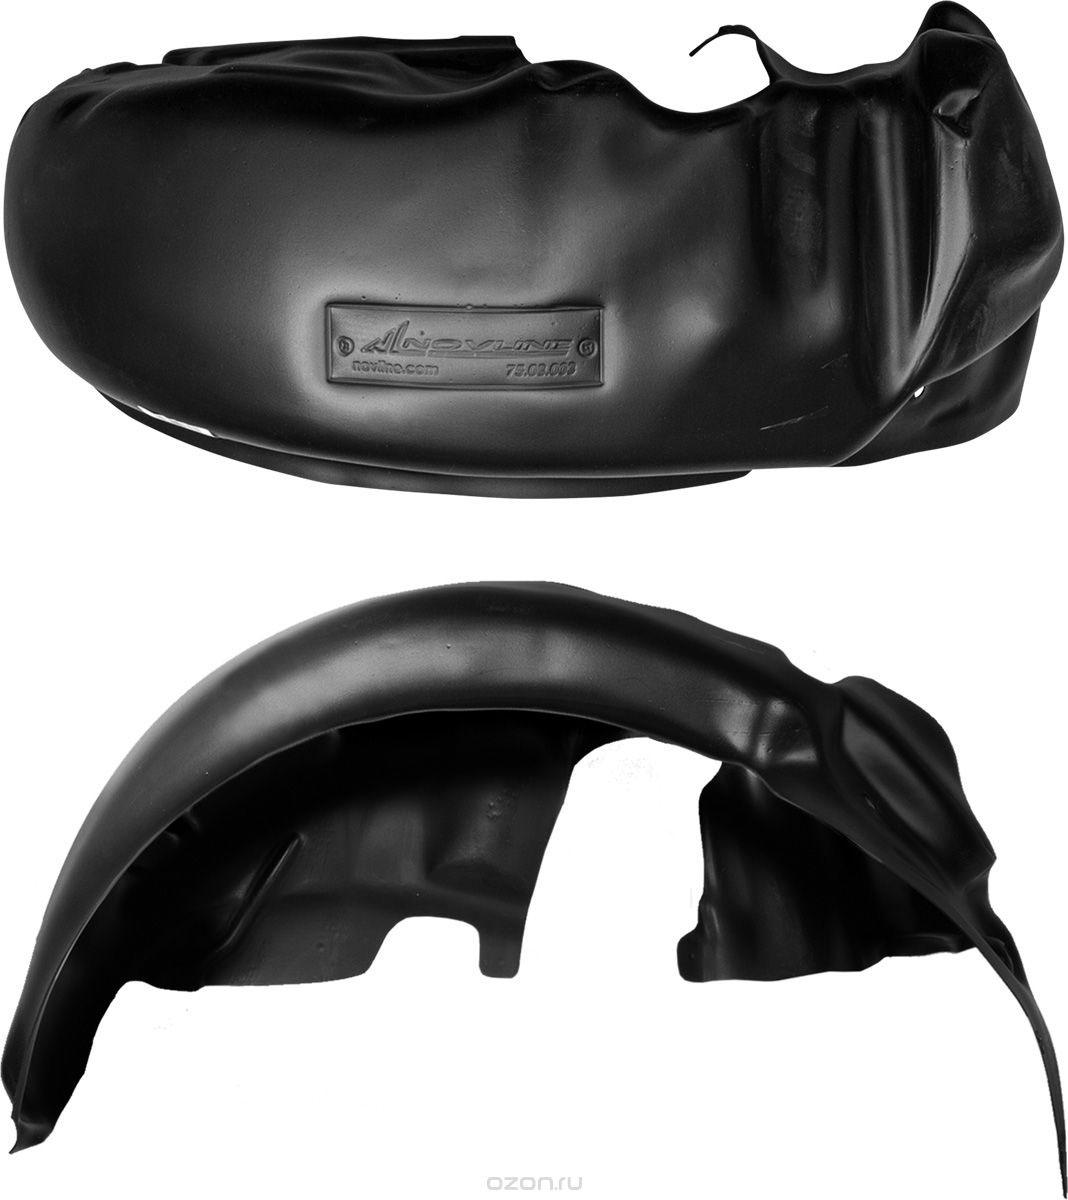 Подкрылок Novline-Autofamily, для Toyota Venza, 2013->, задний правыйNLL.48.56.004Идеальная защита колесной ниши. Локеры разработаны с применением цифровых технологий, гарантируют максимальную повторяемость поверхности арки. Изделия устанавливаются без нарушения лакокрасочного покрытия автомобиля, каждый подкрылок комплектуется крепежом. Уважаемые клиенты, обращаем ваше внимание, что фотографии на подкрылки универсальные и не отражают реальную форму изделия. При этом само изделие идет точно под размер указанного автомобиля.